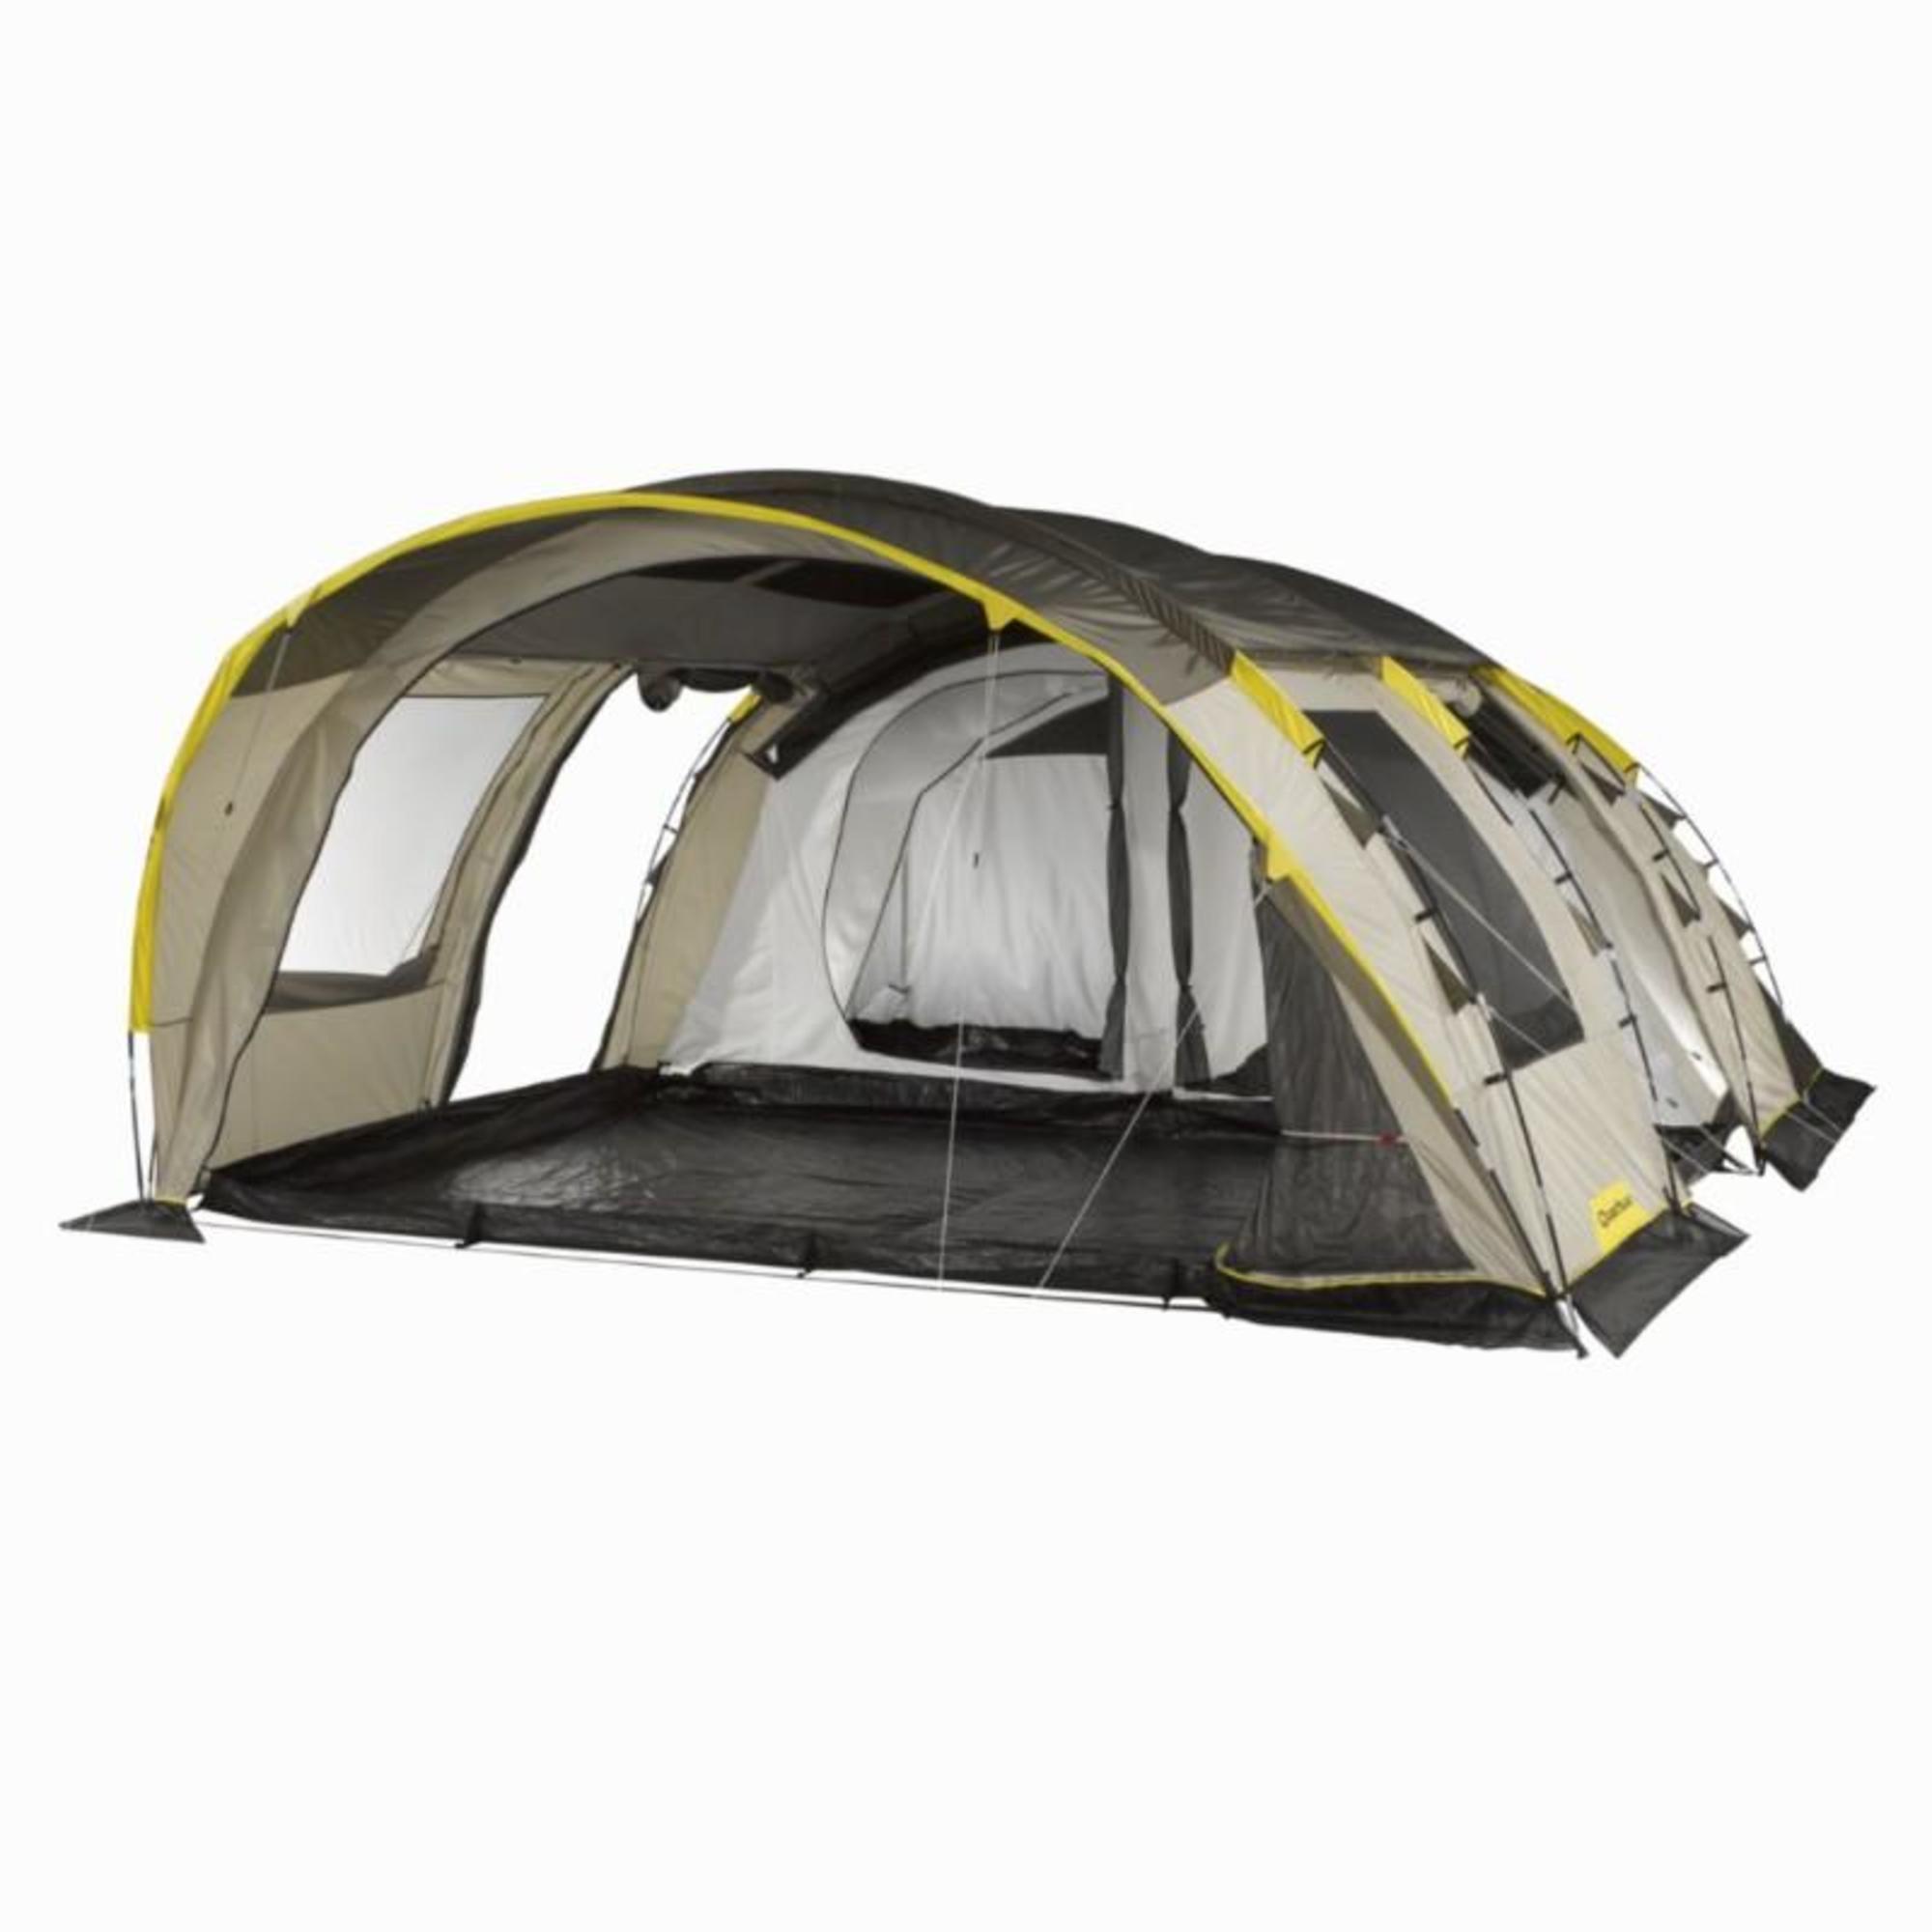 sc 1 st  Quechua & Tent T6.2 XL AIR - 6 people 2 rooms | Quechua